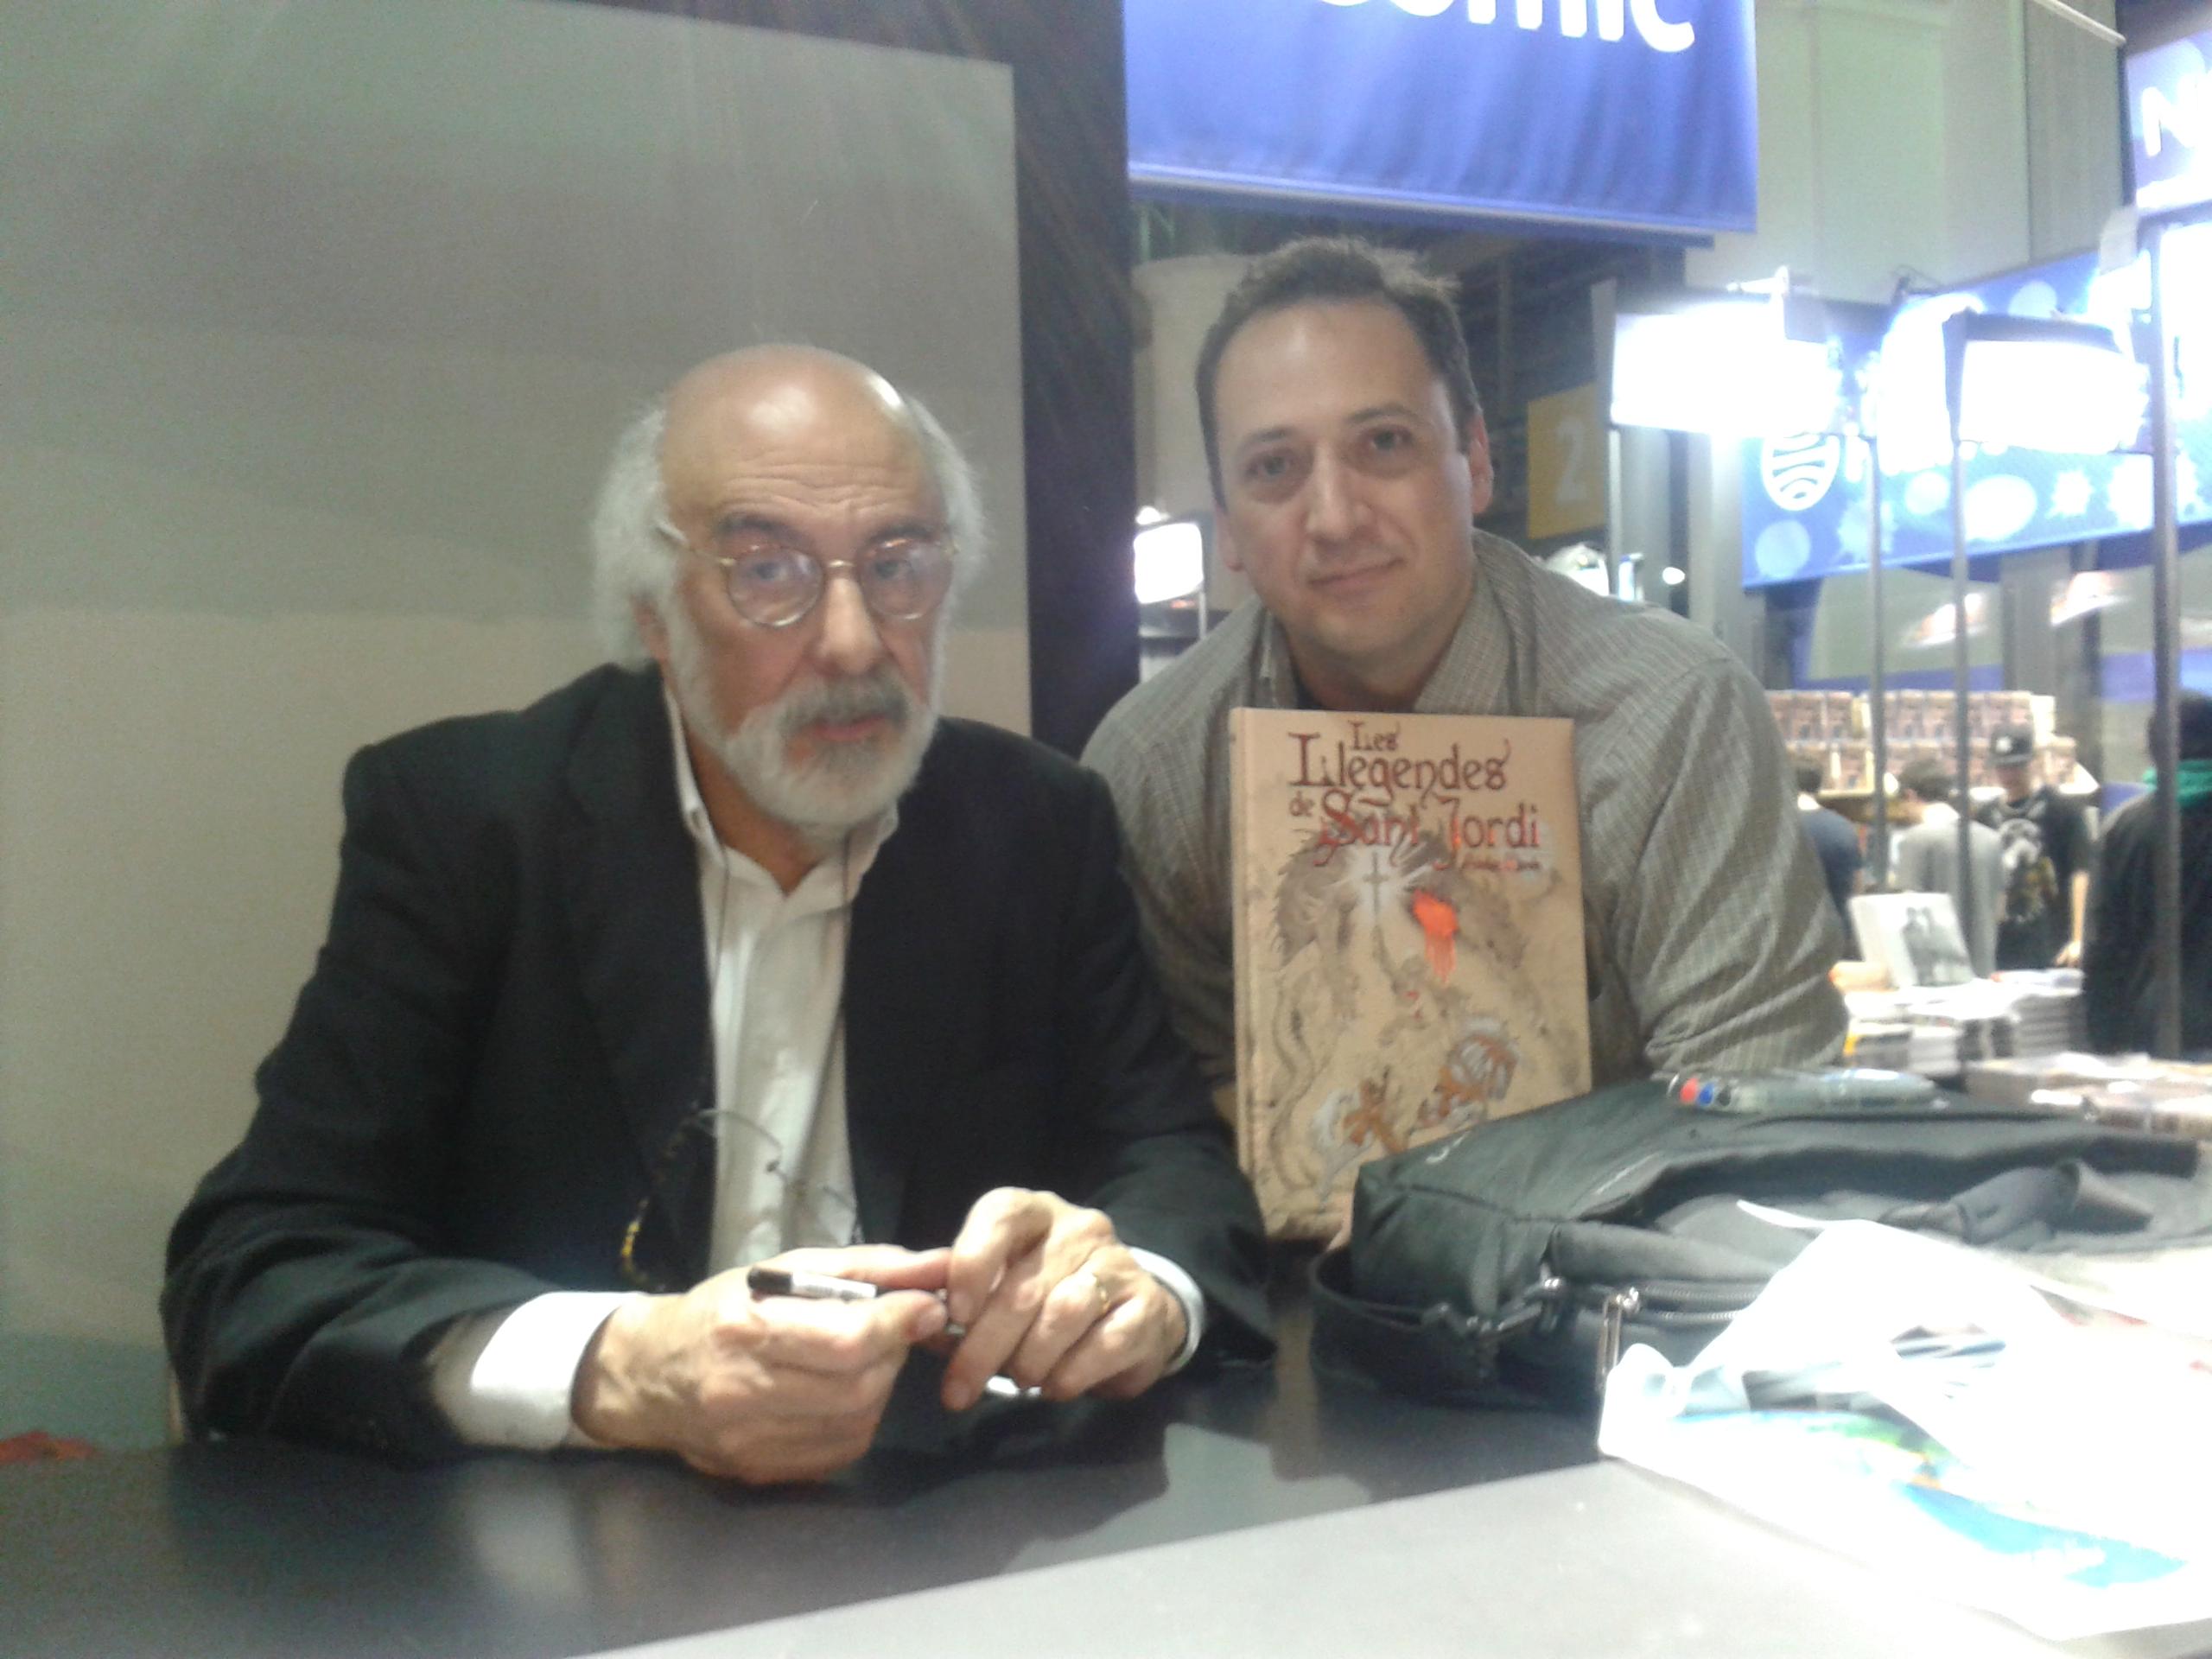 Entrevista con Esteban Maroto en el Saló del Cómic de Barcelona 2015